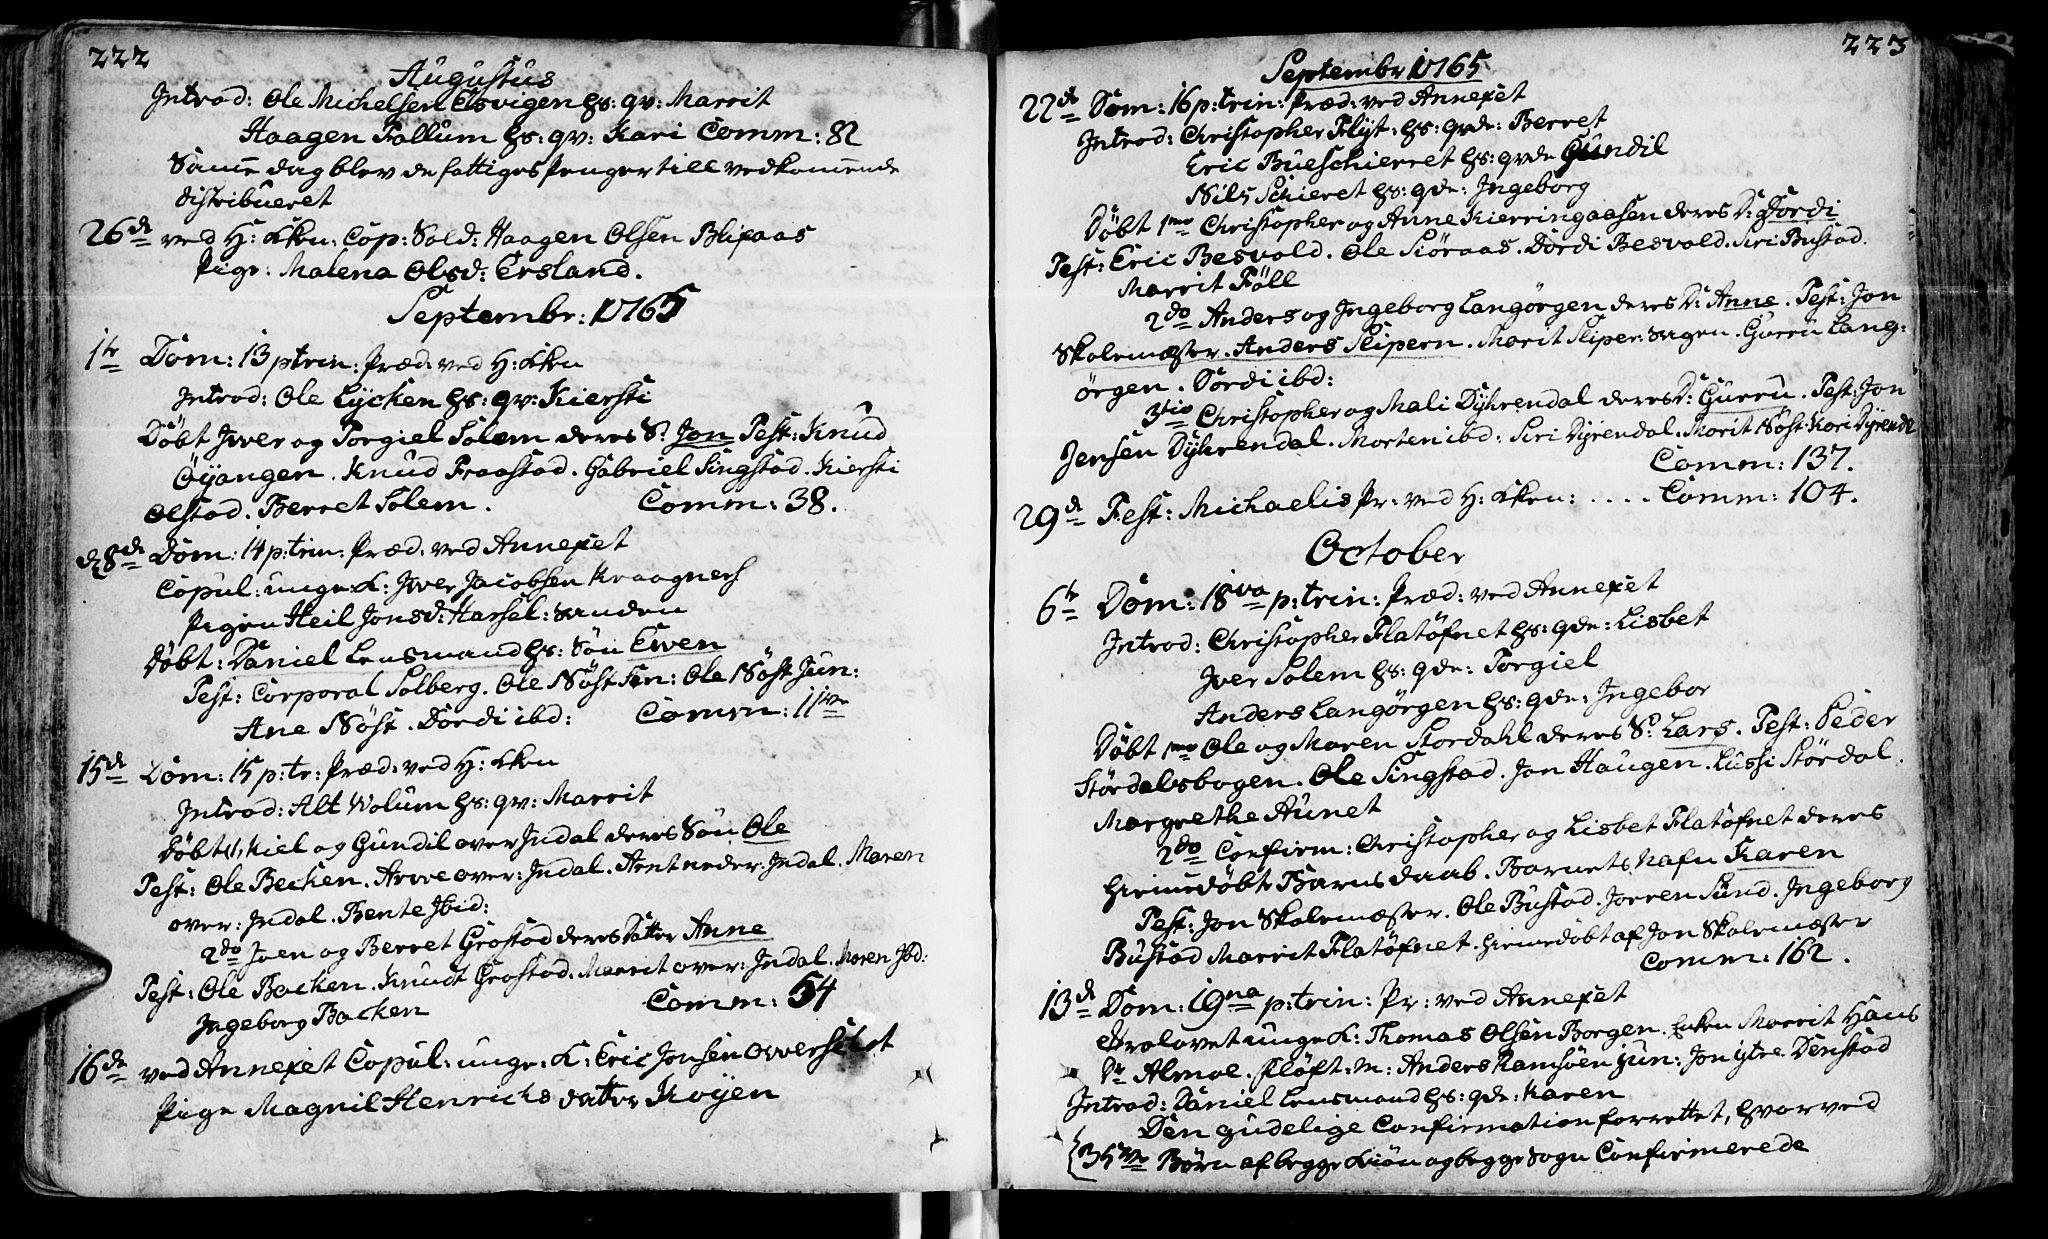 SAT, Ministerialprotokoller, klokkerbøker og fødselsregistre - Sør-Trøndelag, 646/L0605: Ministerialbok nr. 646A03, 1751-1790, s. 222-223